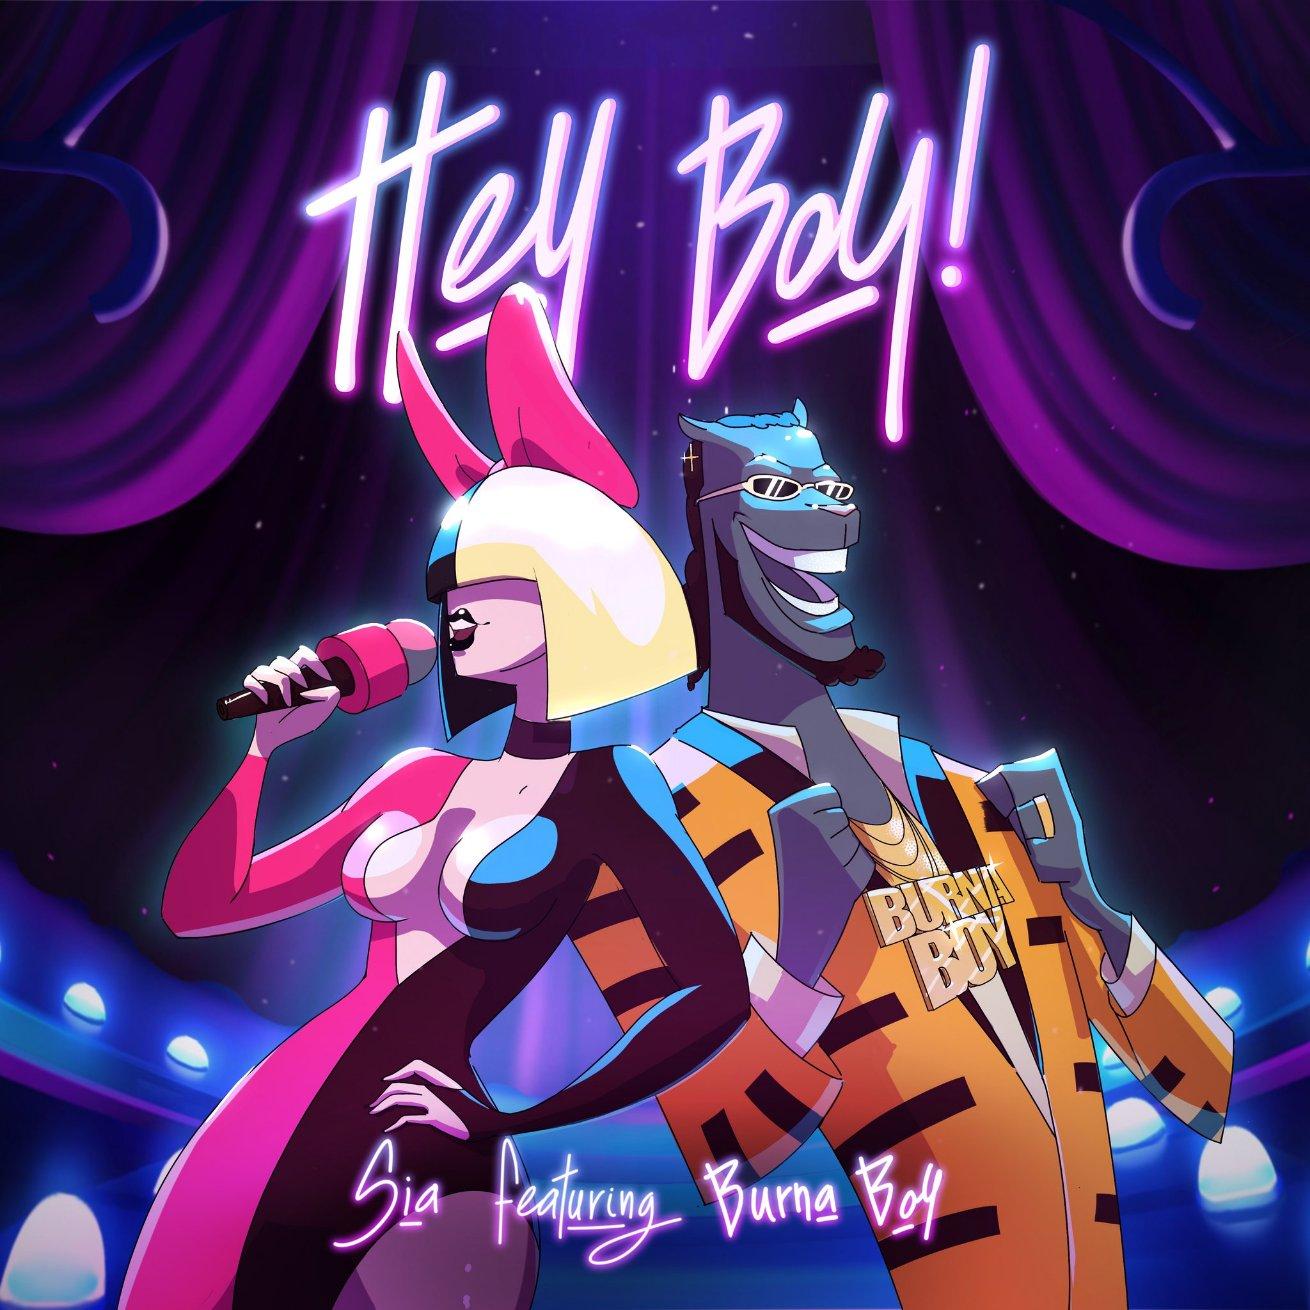 Sia - Hey Boy Remix ft Burna boy